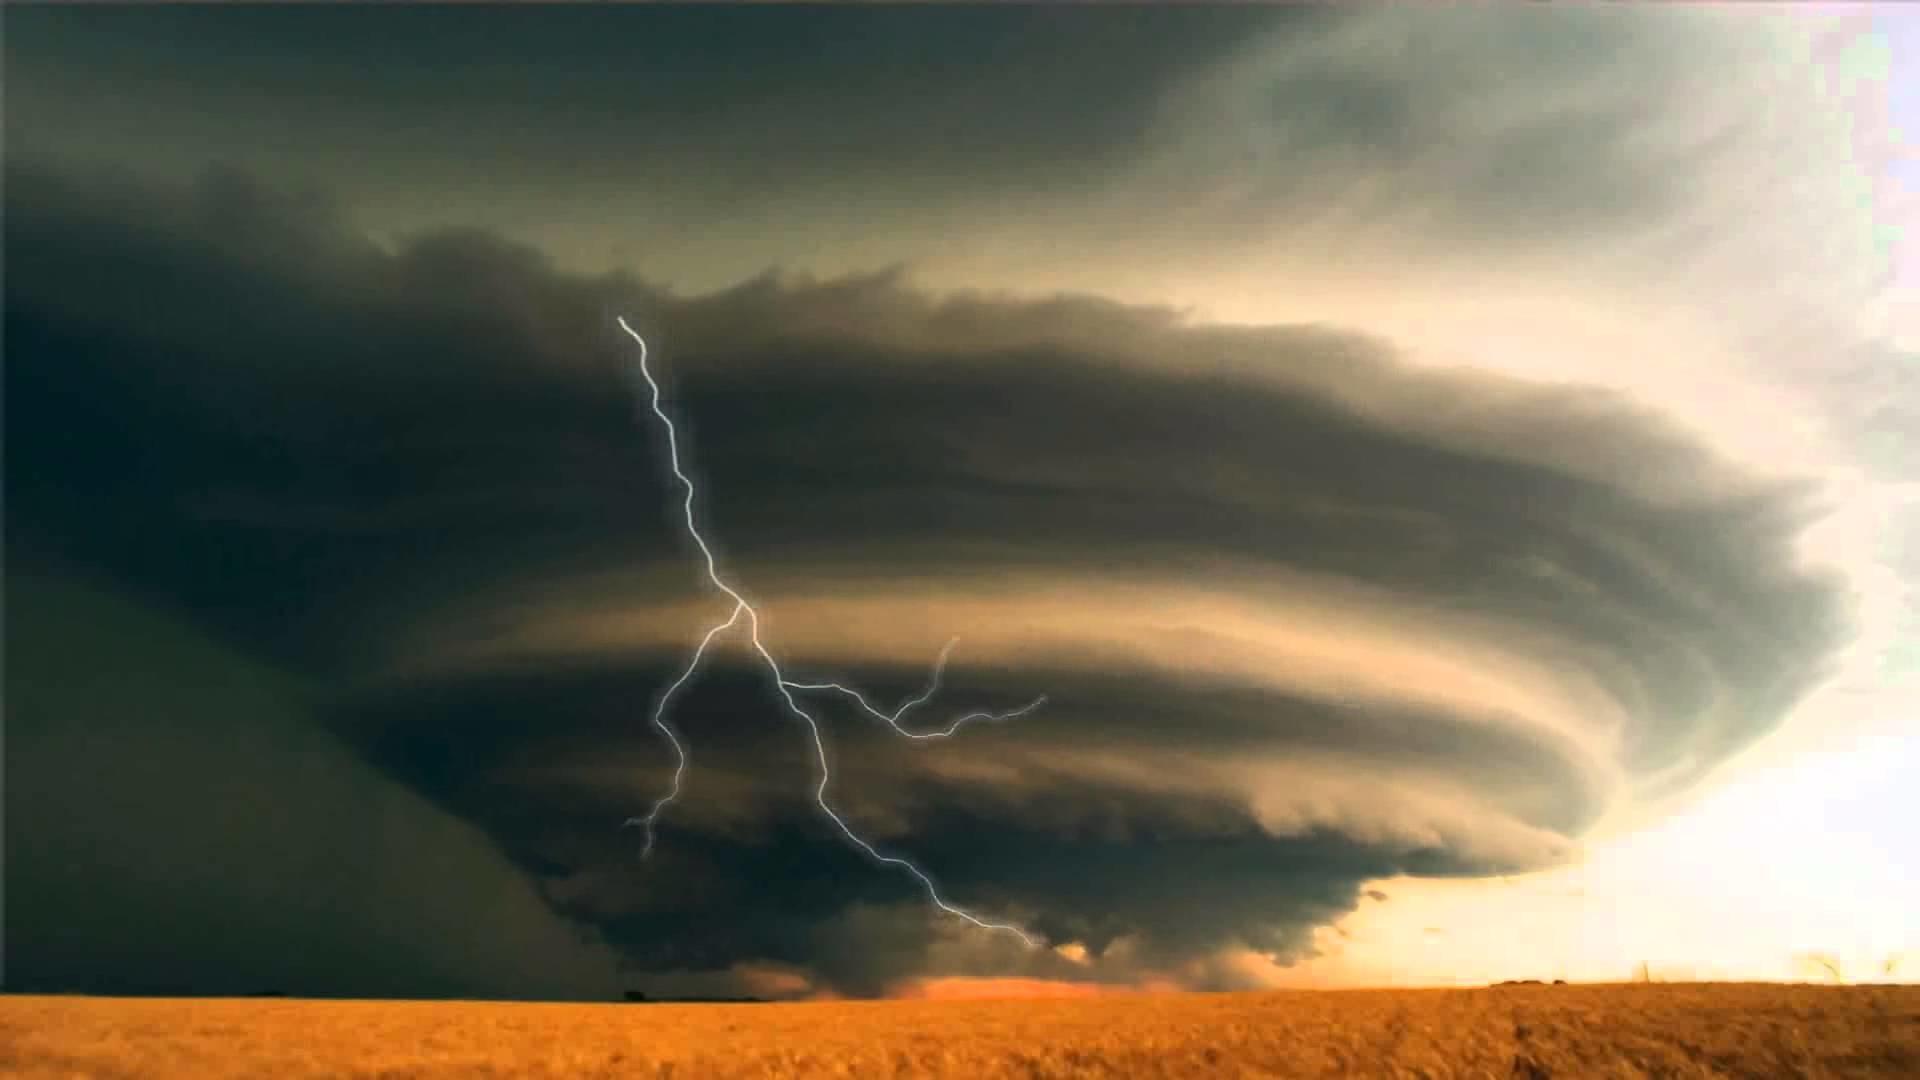 Lightning Storm Animated Wallpaper https://www.desktopanimated.com .